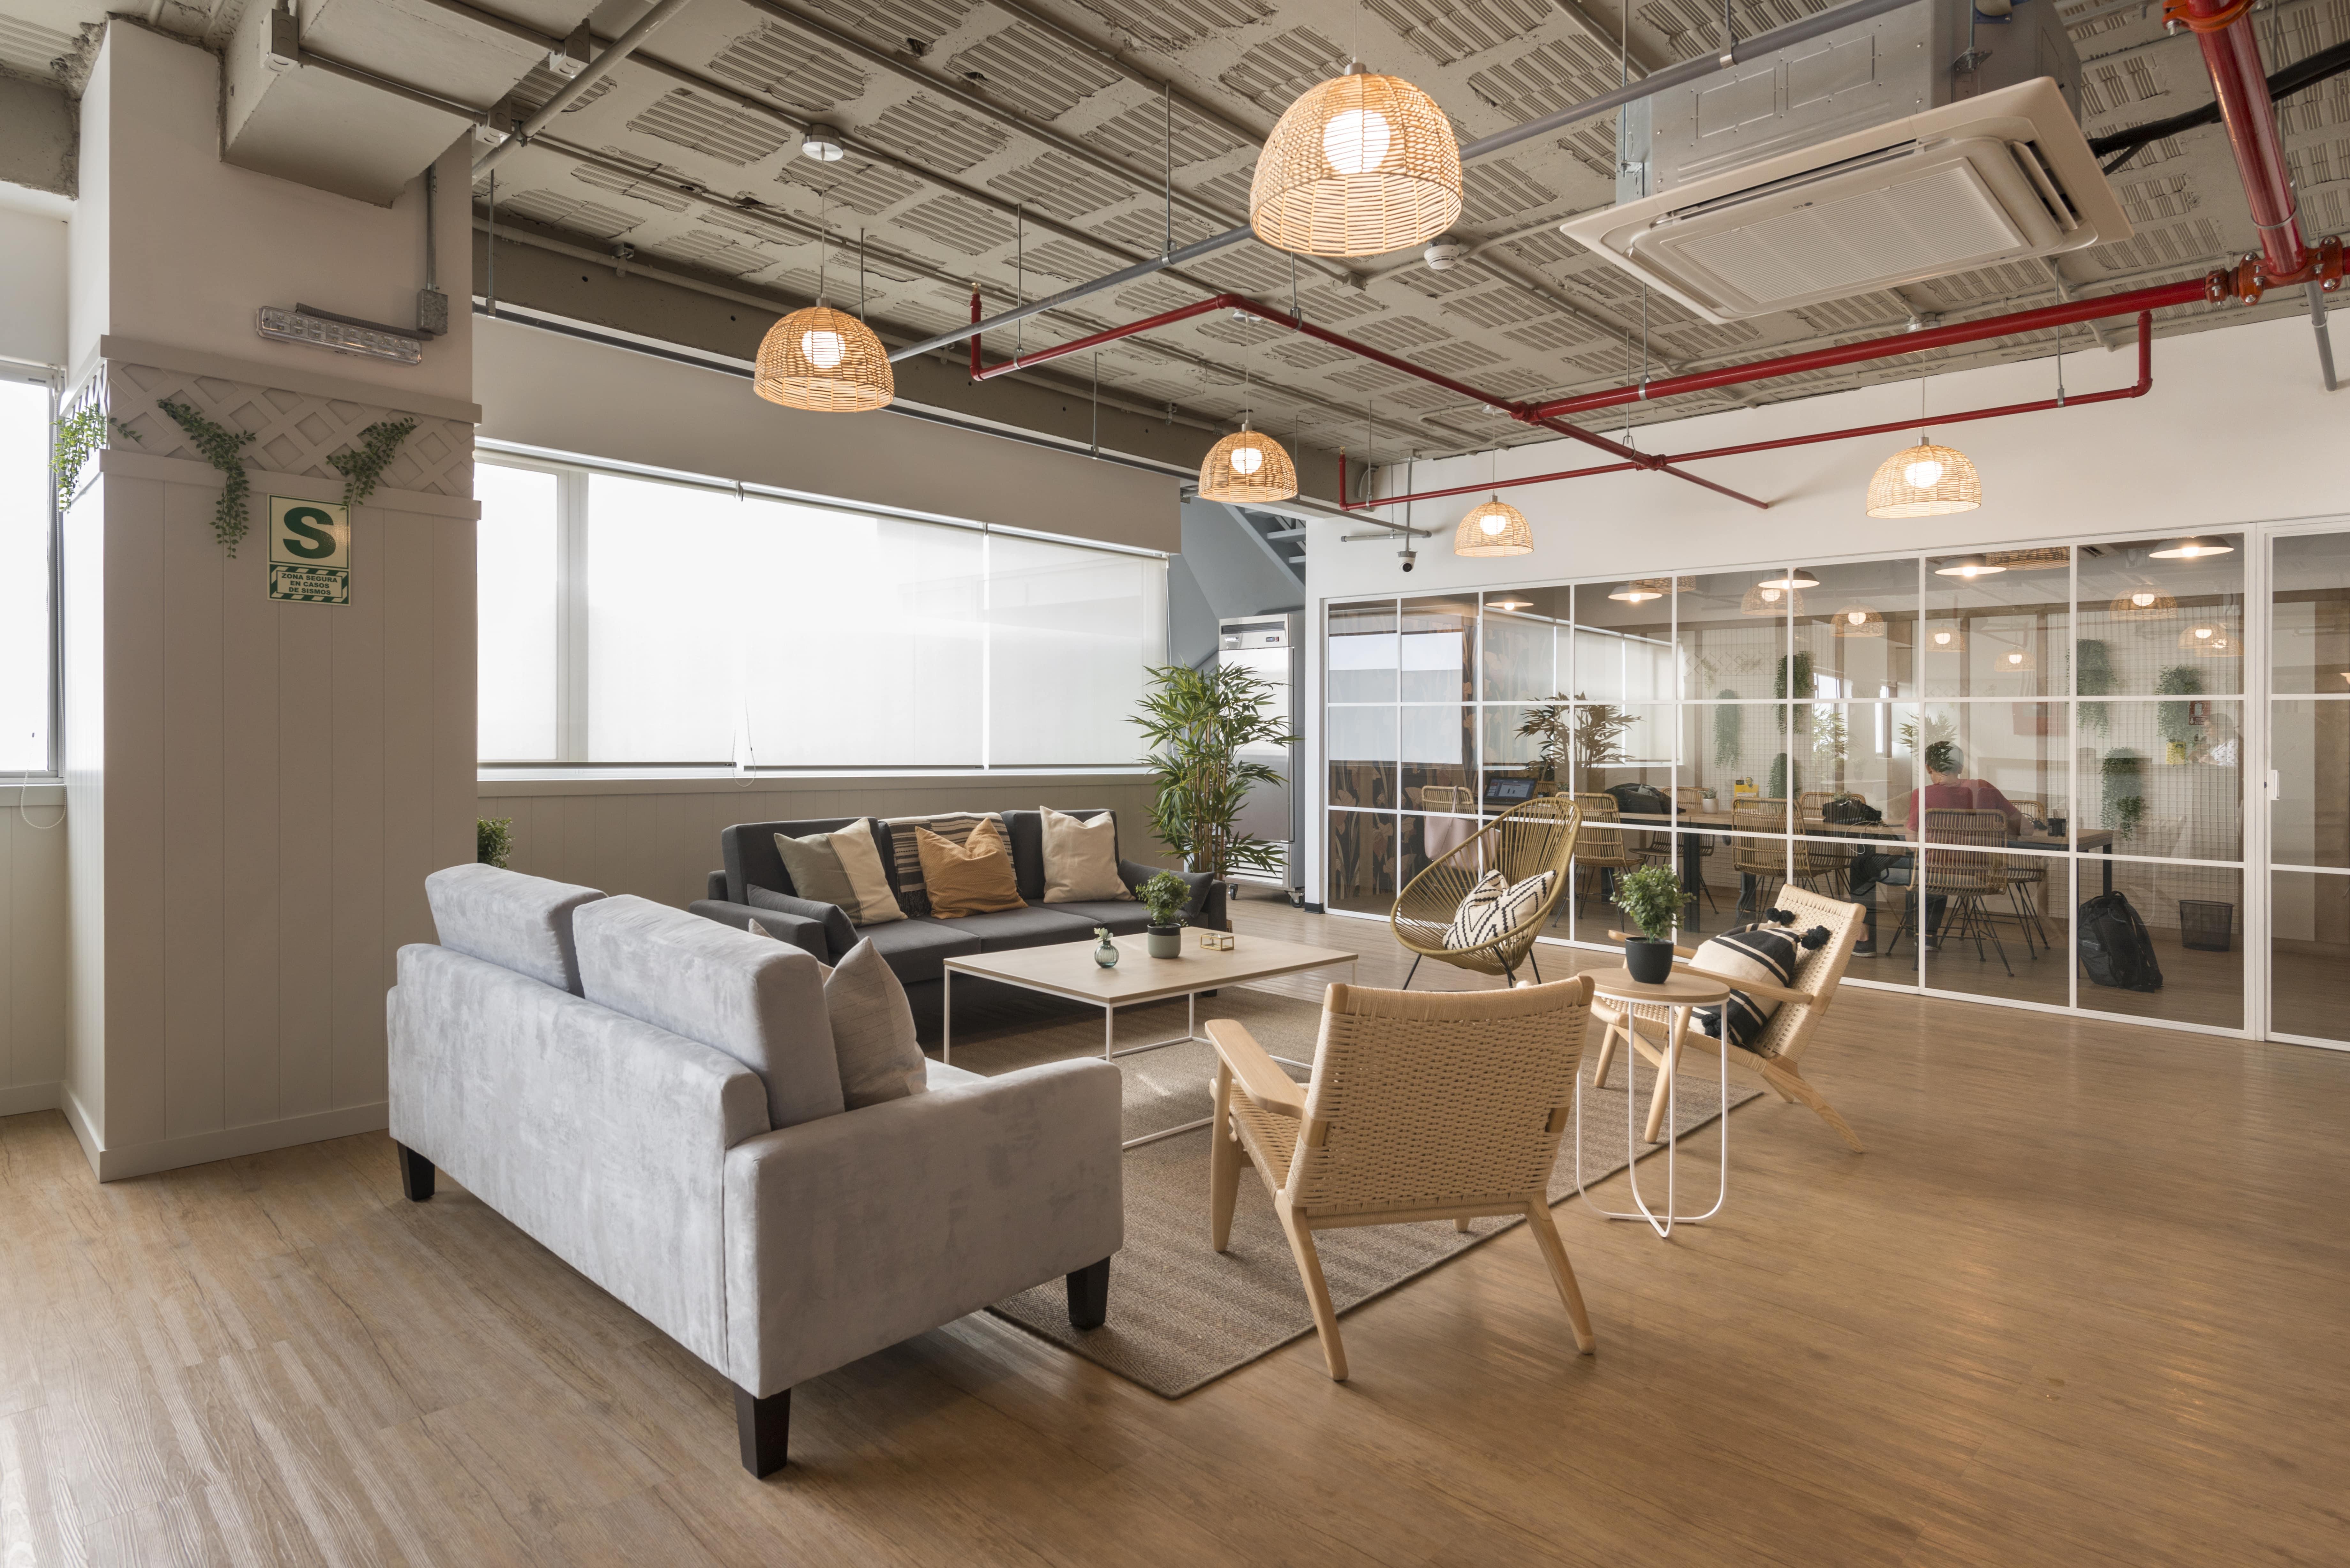 espacio de coworking en comunal